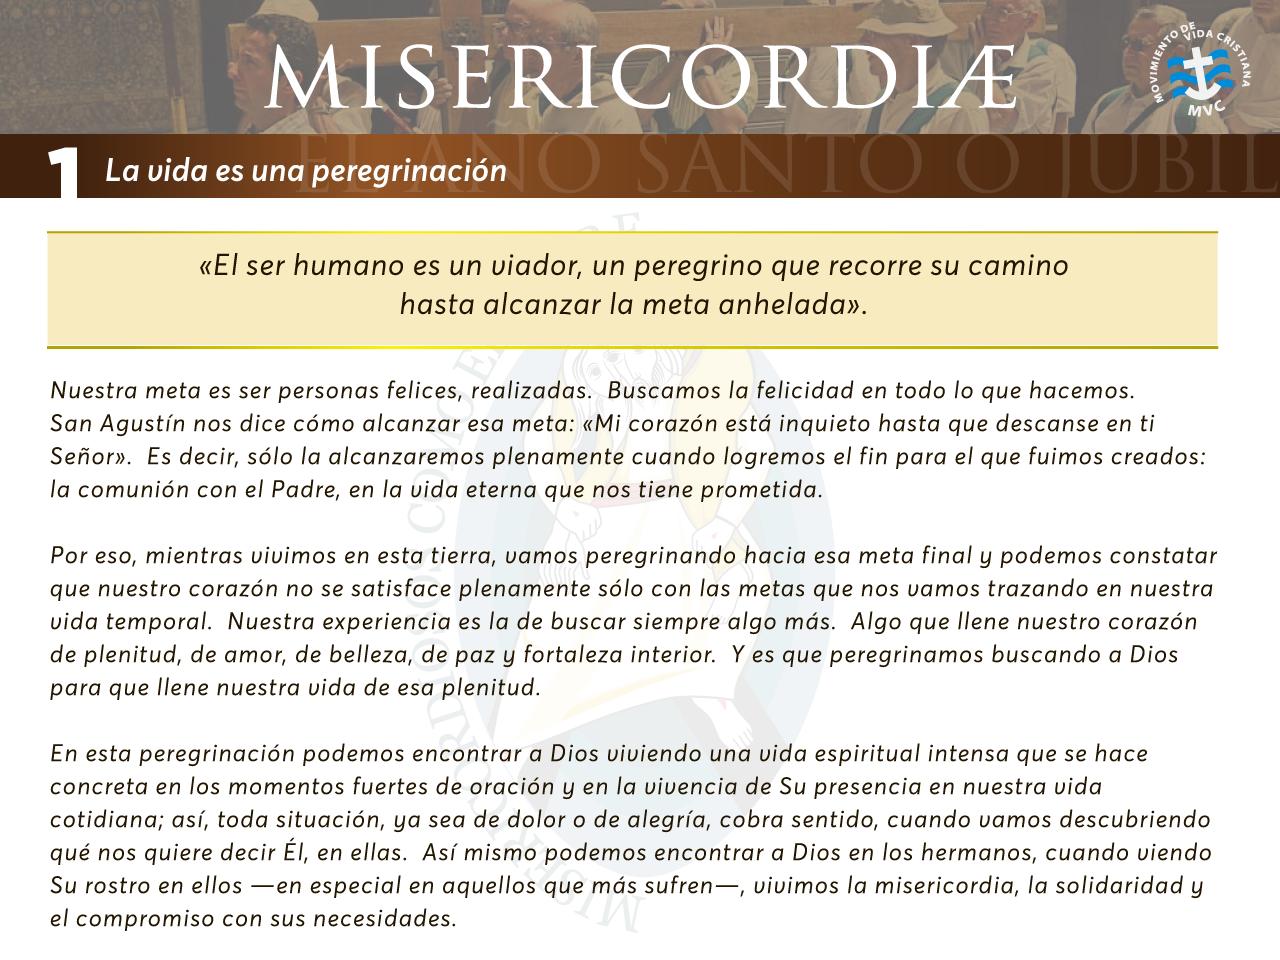 Misericordiae-4-editable-3